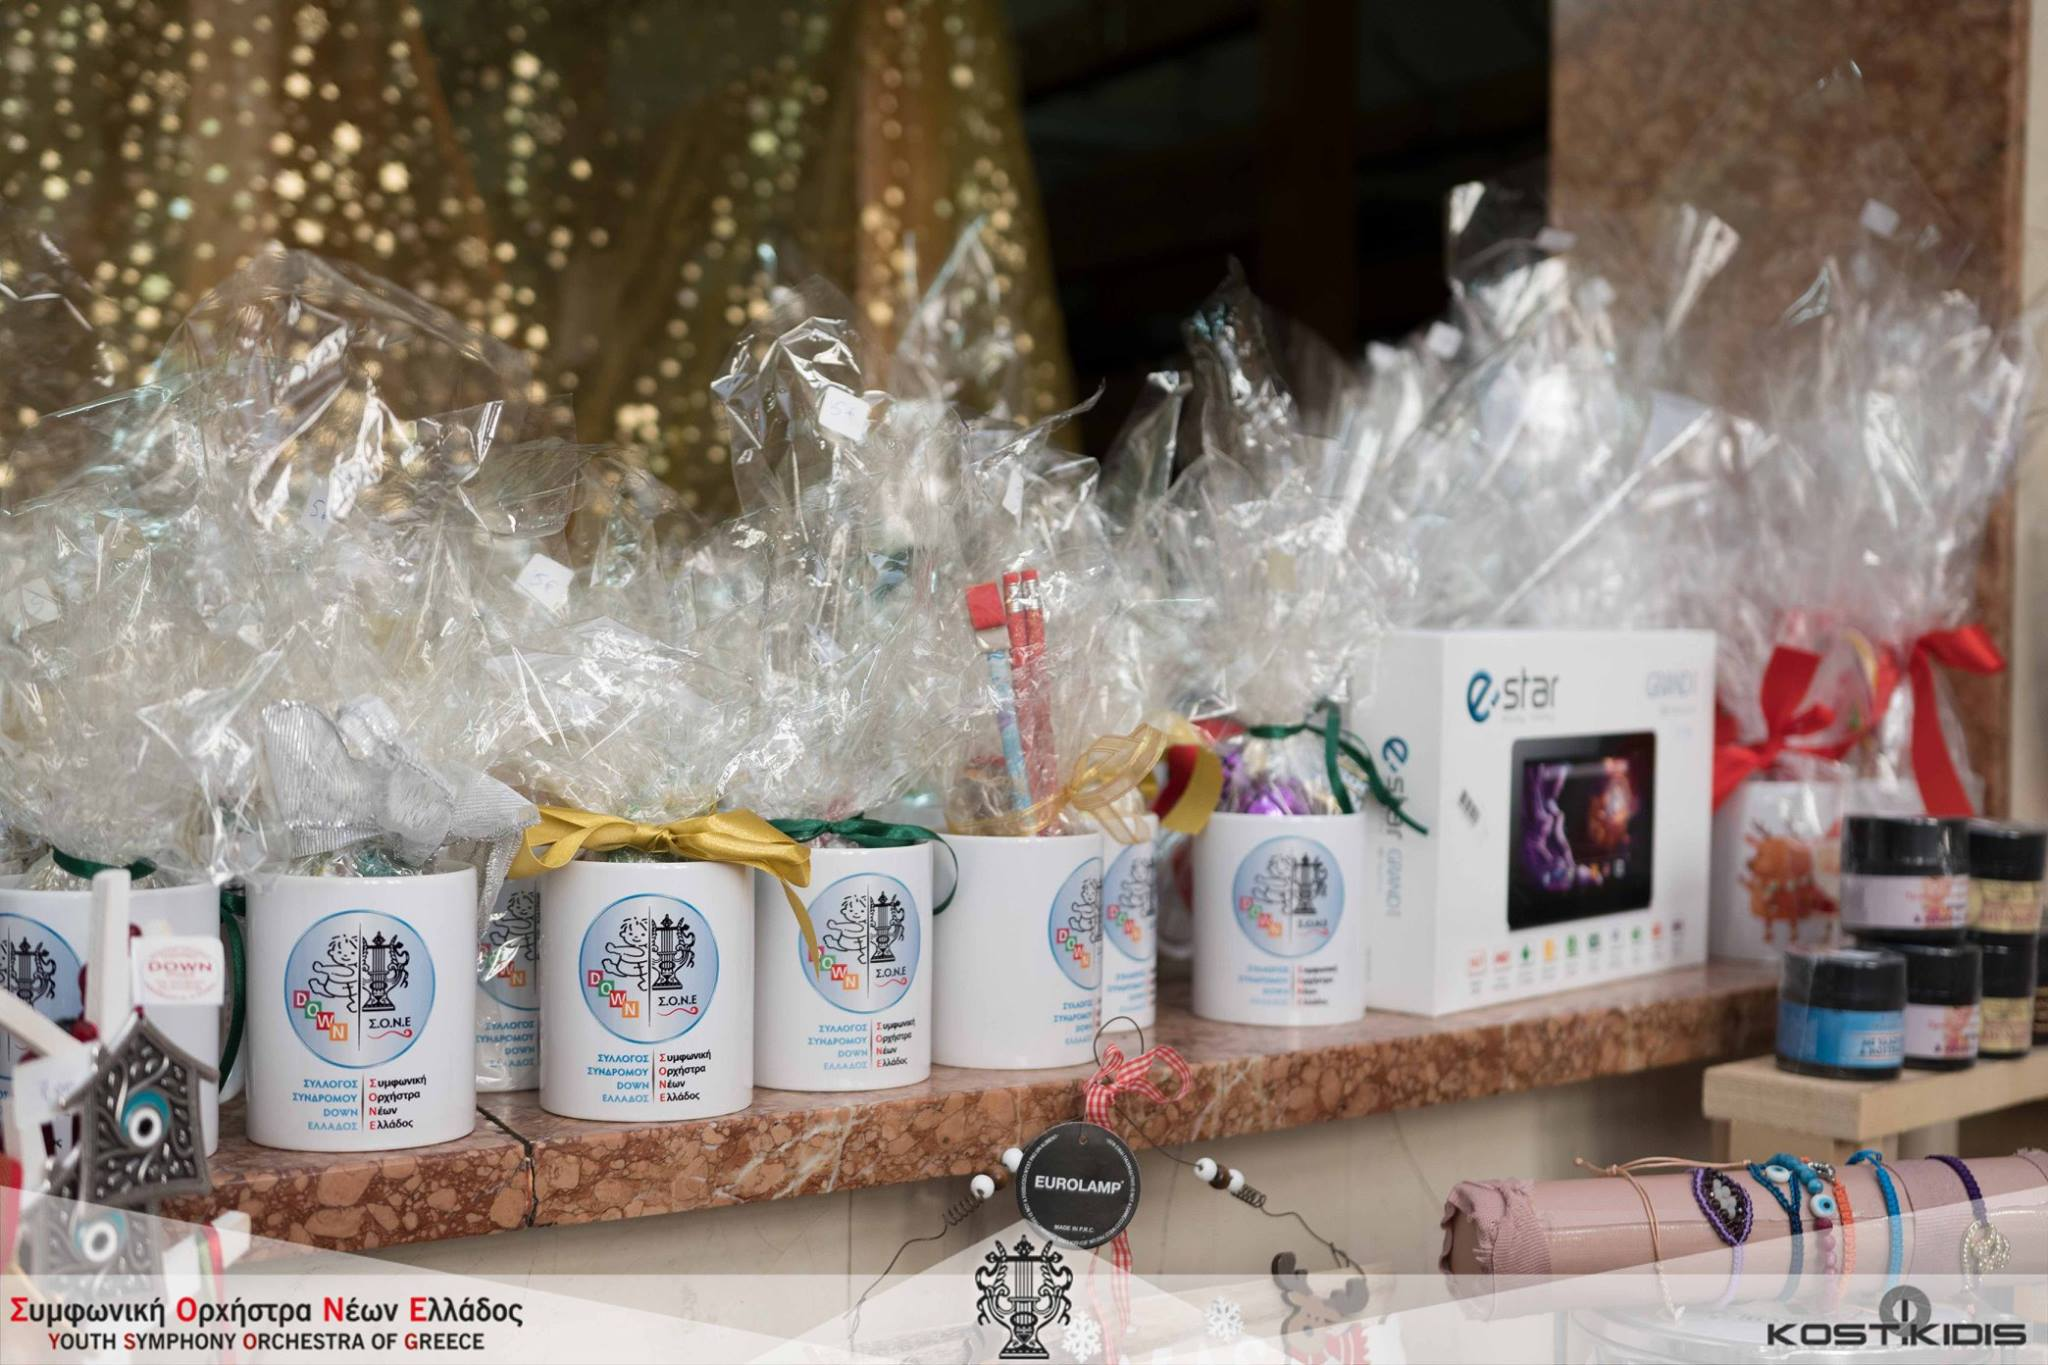 Με επιτυχία πραγματοποιήθηκε το Bazaar της ΣΟΝΕ για τον Σύλλογο Συνδρόμου Down Ελλάδος 4